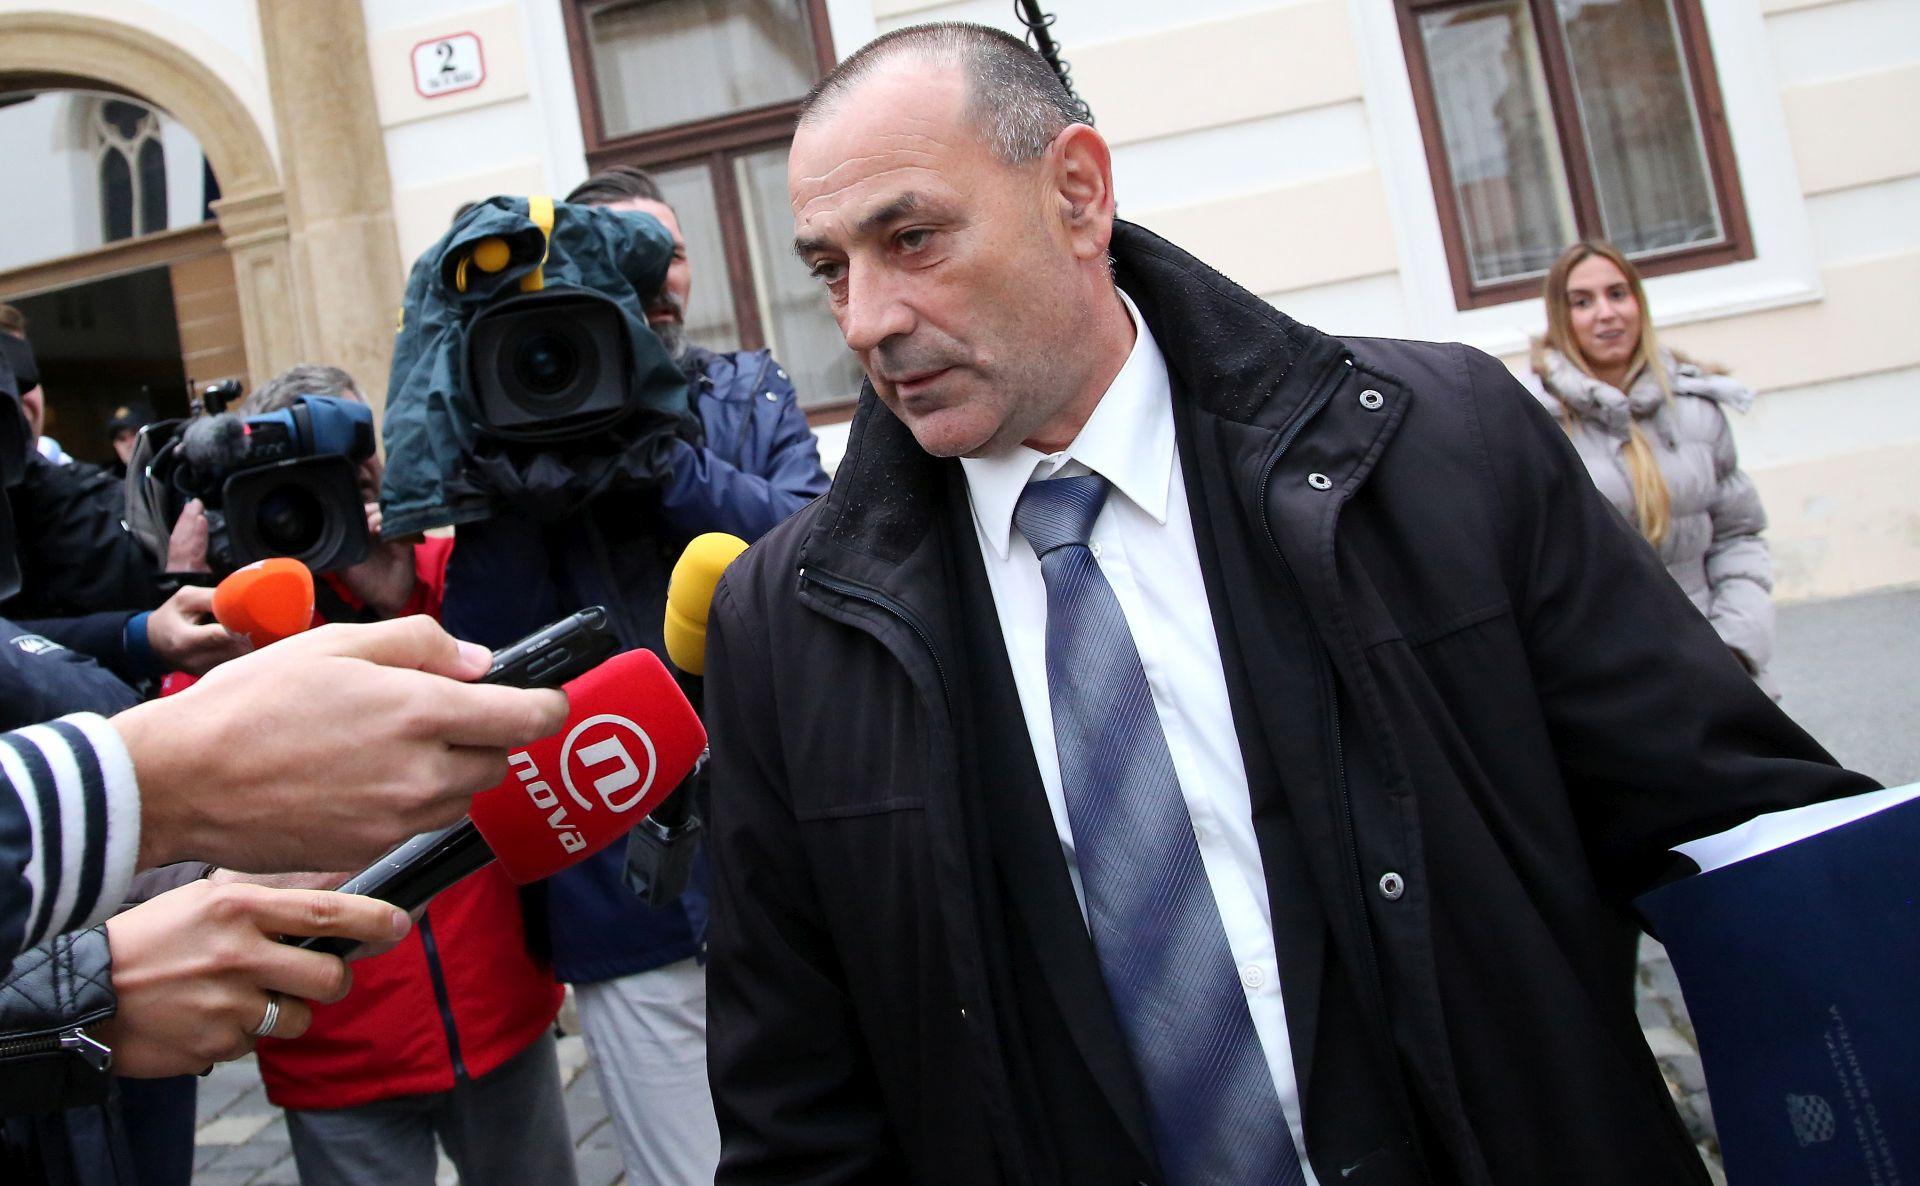 MEDVED: Vlada i ministarstva traže rješenja u slučaju uhićenja pripadnika HVO-a